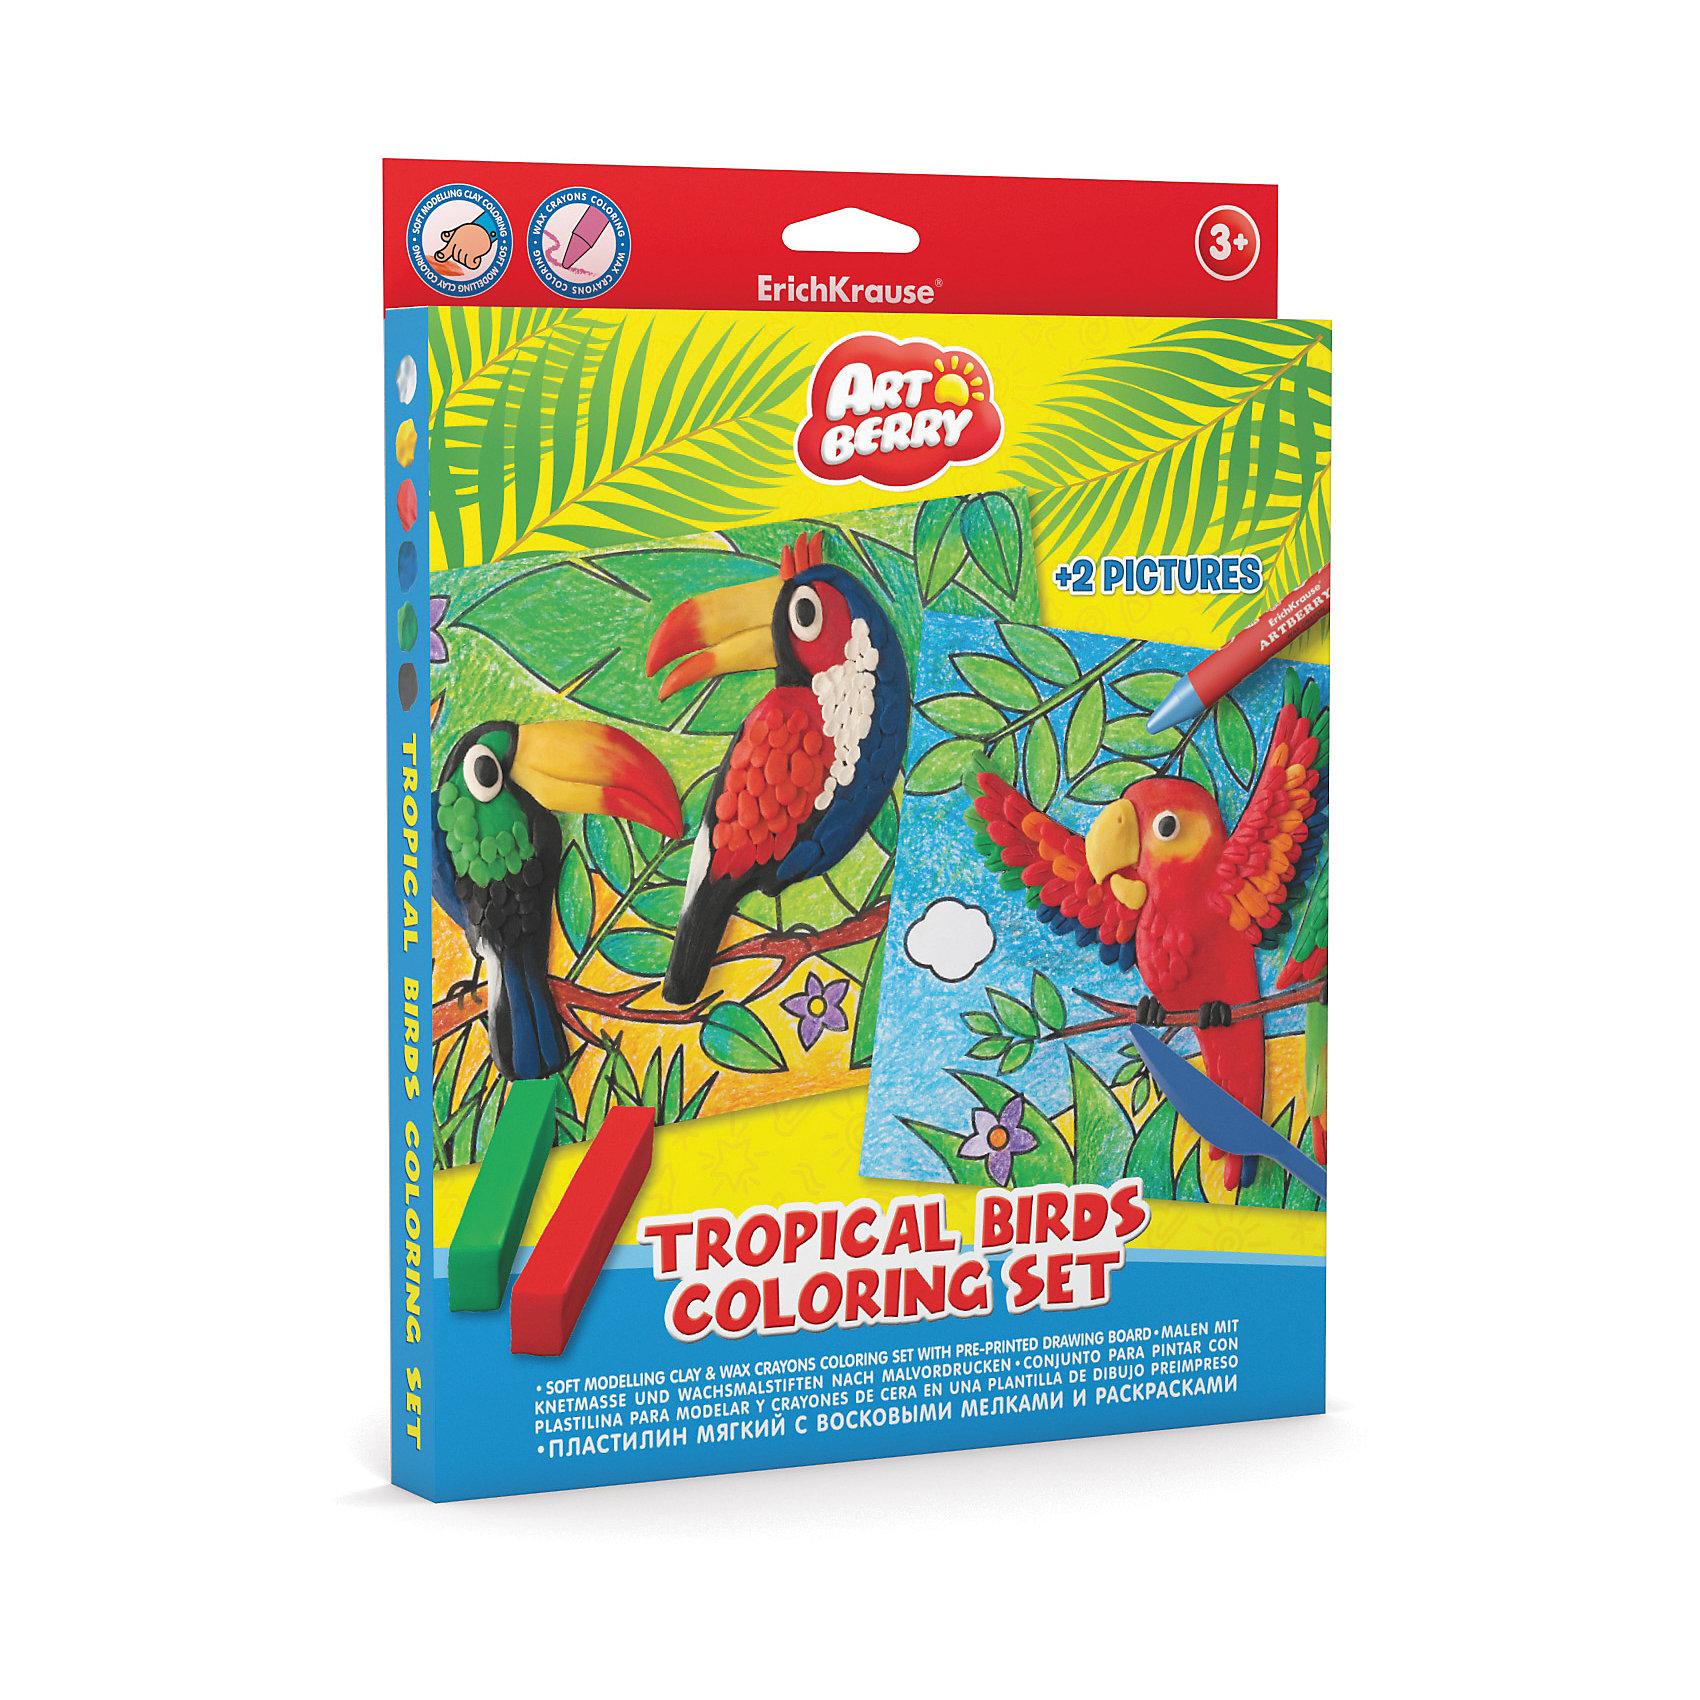 Наборя для творчества Tropical Birds Coloring Set ArtberryЛепка<br>Характеристики товара:<br><br>• материал упаковки: картон <br>• в комплекте: пластилин – 6 цветов, мелки восковые – 8 цветов, раскраска – 2 шт<br>• возраст: от 3 лет<br>• габариты упаковки: 23х30х25 см<br>• вес: 272 г<br>• страна производитель: Россия<br><br>Набор для творчества включает в себя полезные товары для юных художников. В нем есть раскраски и специальные восковые мелки к ним. А яркий и мягкий пластилин оценят все маленькие скульпторы! <br><br>Набор для творчества Tropical Birds Coloring Set Artberry можно купить в нашем интернет-магазине.<br><br>Ширина мм: 230<br>Глубина мм: 300<br>Высота мм: 25<br>Вес г: 272<br>Возраст от месяцев: 36<br>Возраст до месяцев: 2147483647<br>Пол: Унисекс<br>Возраст: Детский<br>SKU: 5409351